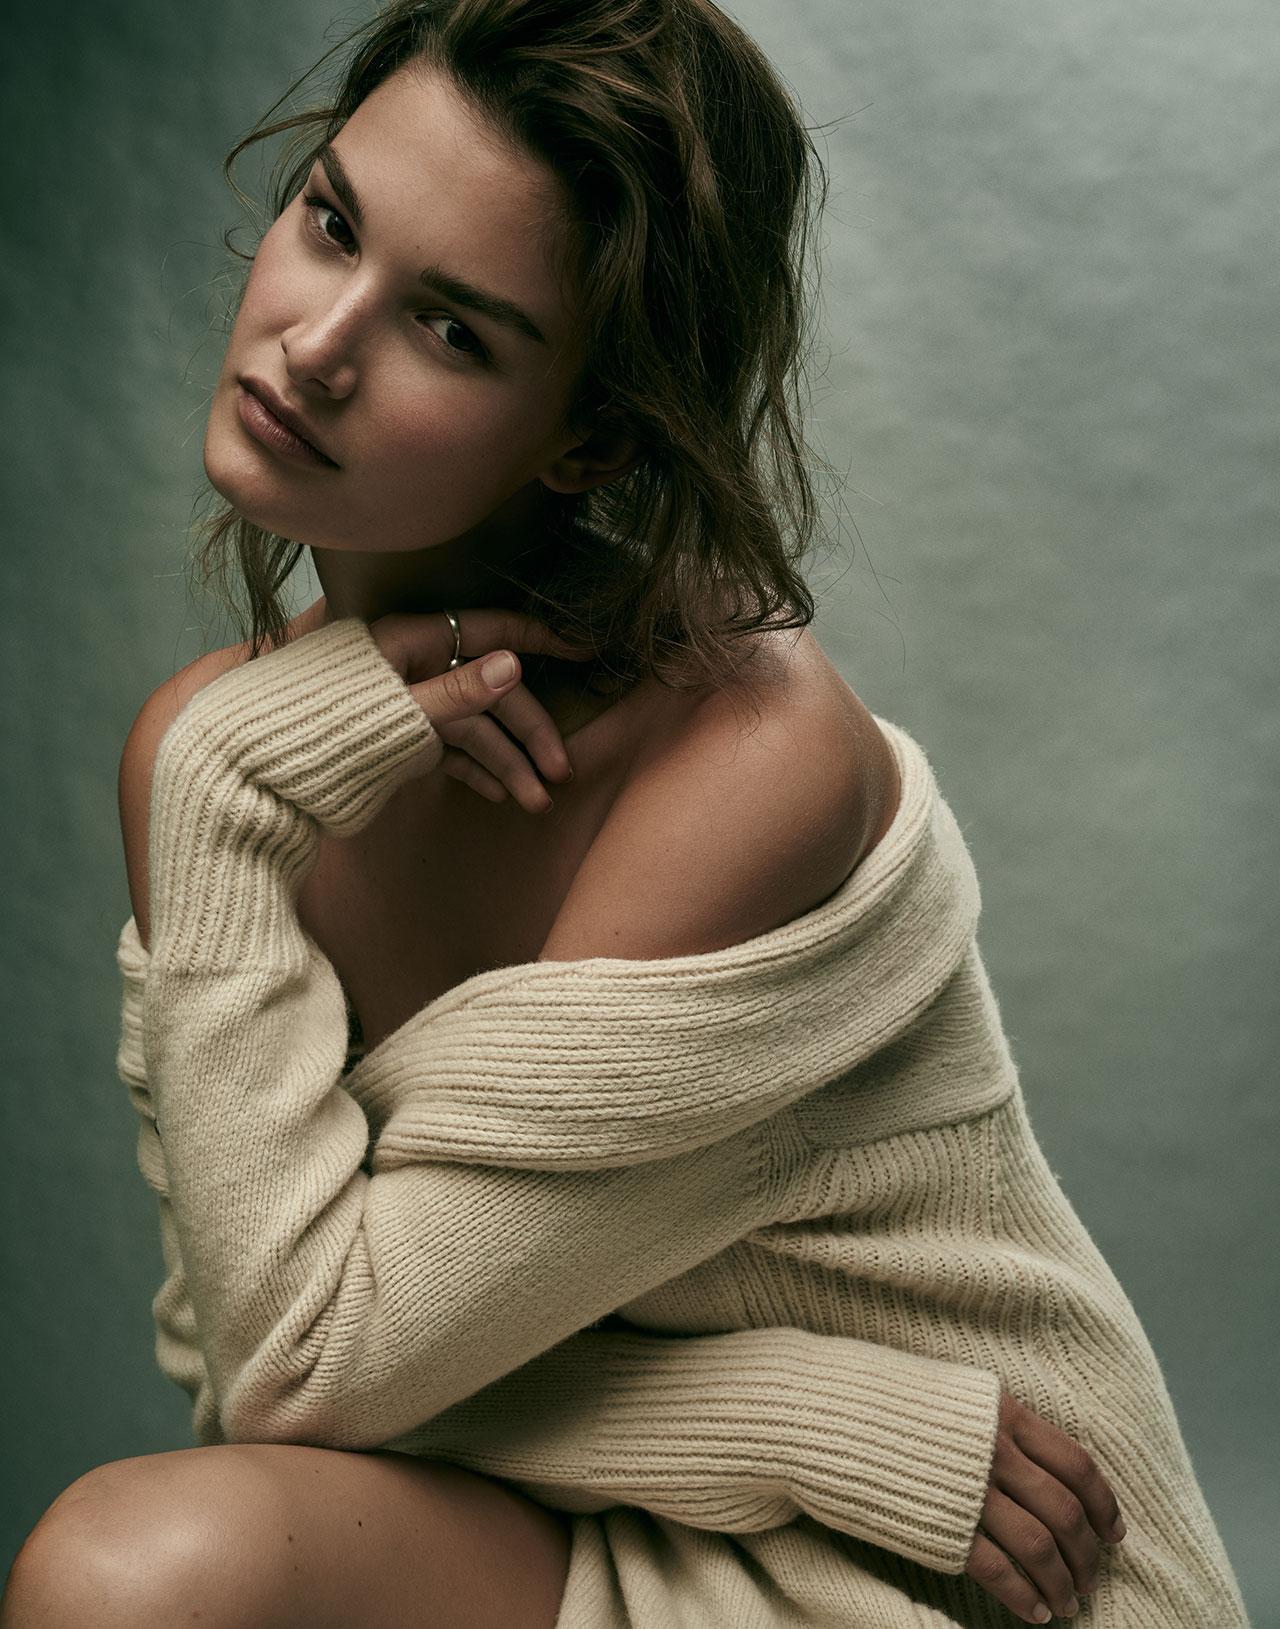 Models com Nude Photos 79